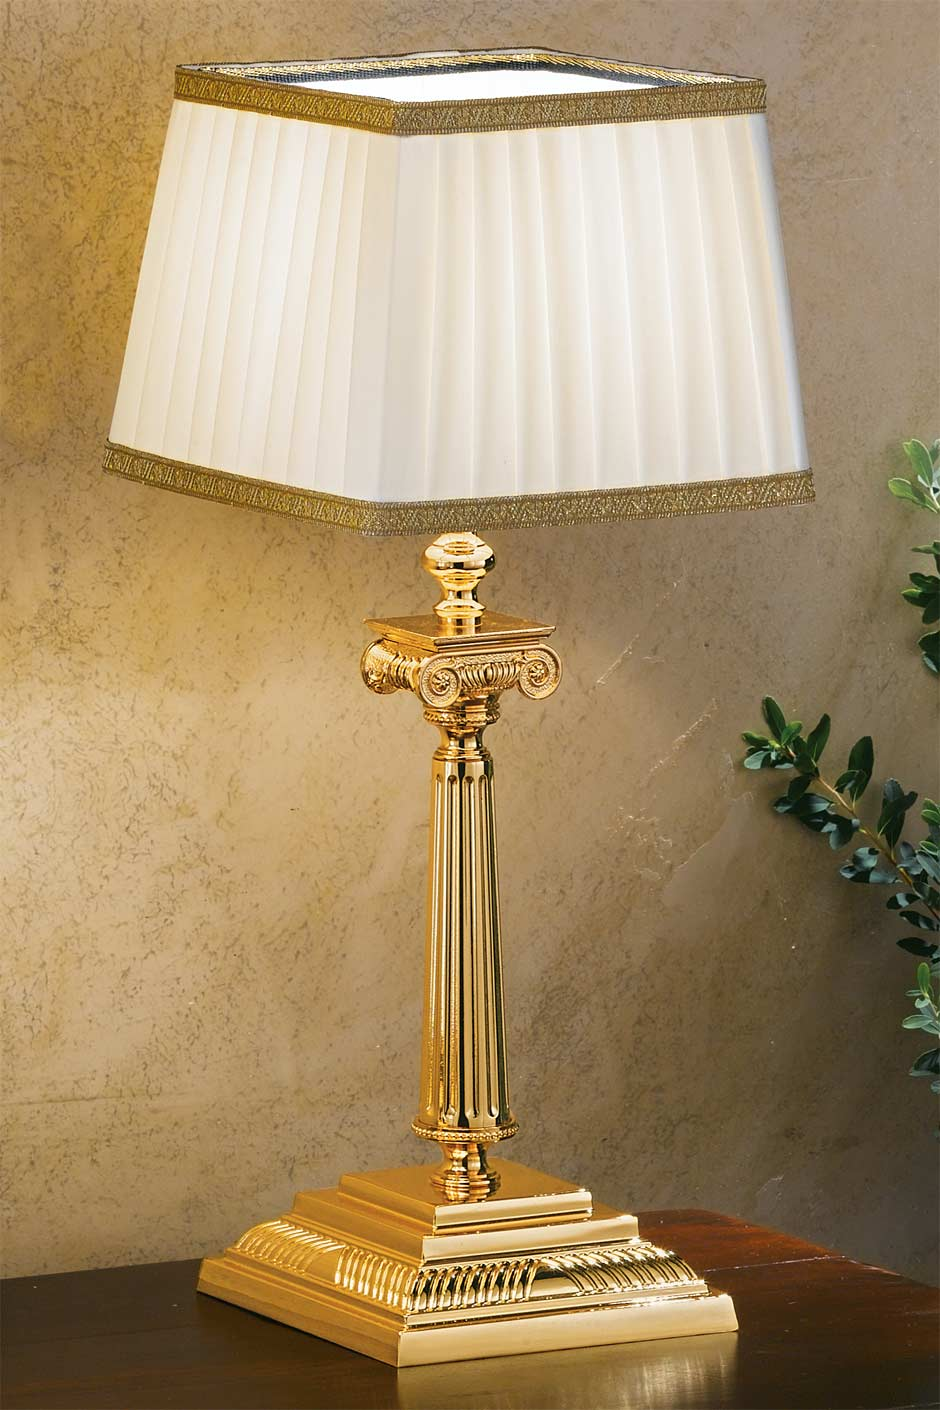 Petite lampe en bronze doré, abat jour blanc plissé galon doré